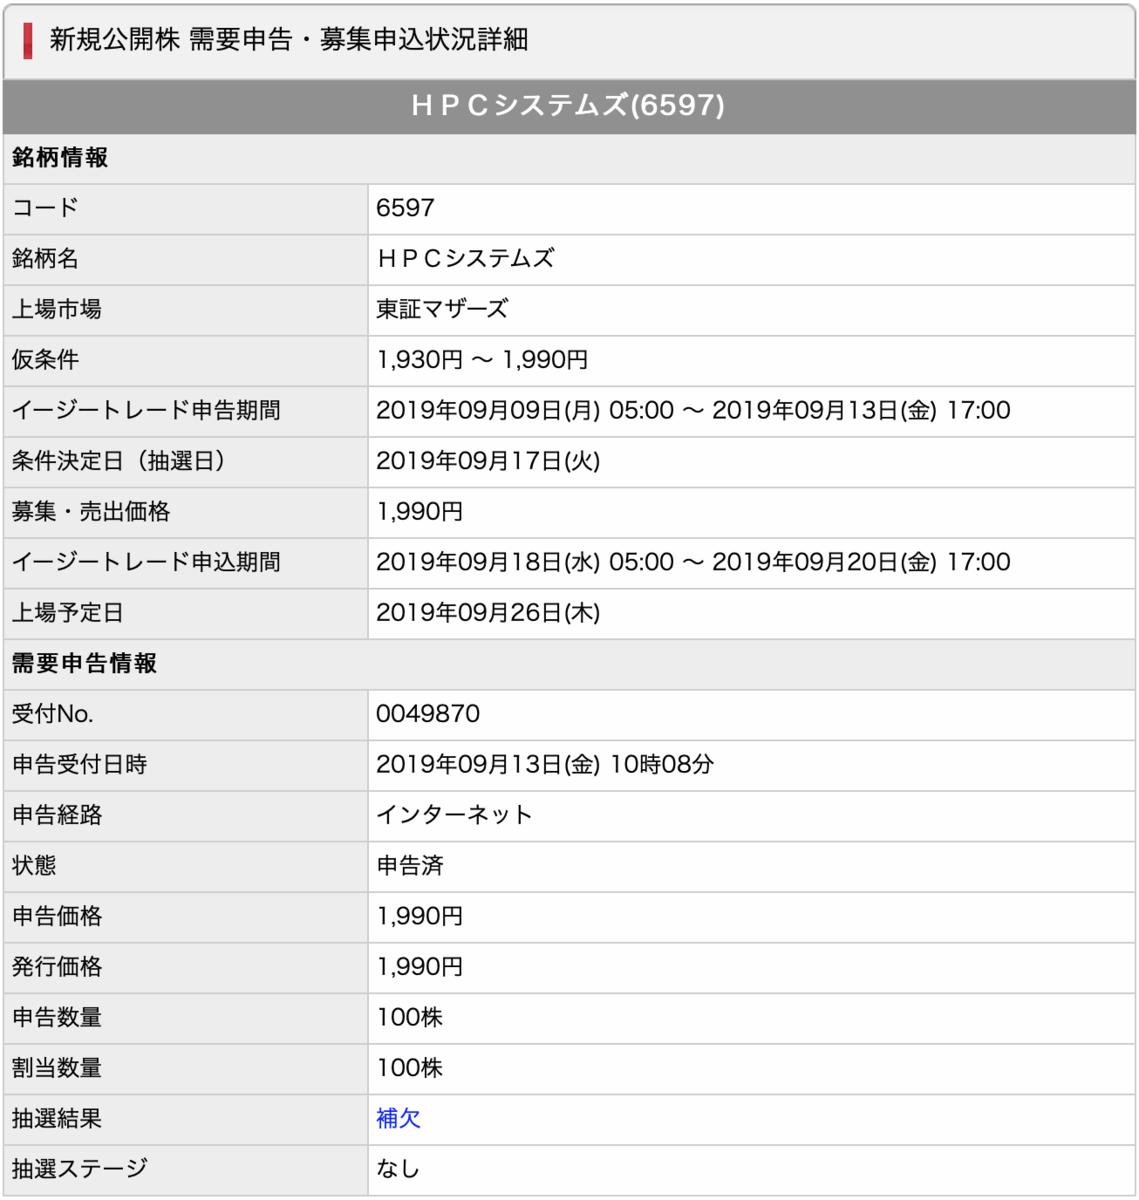 SMBC日興証券抽選結果画像